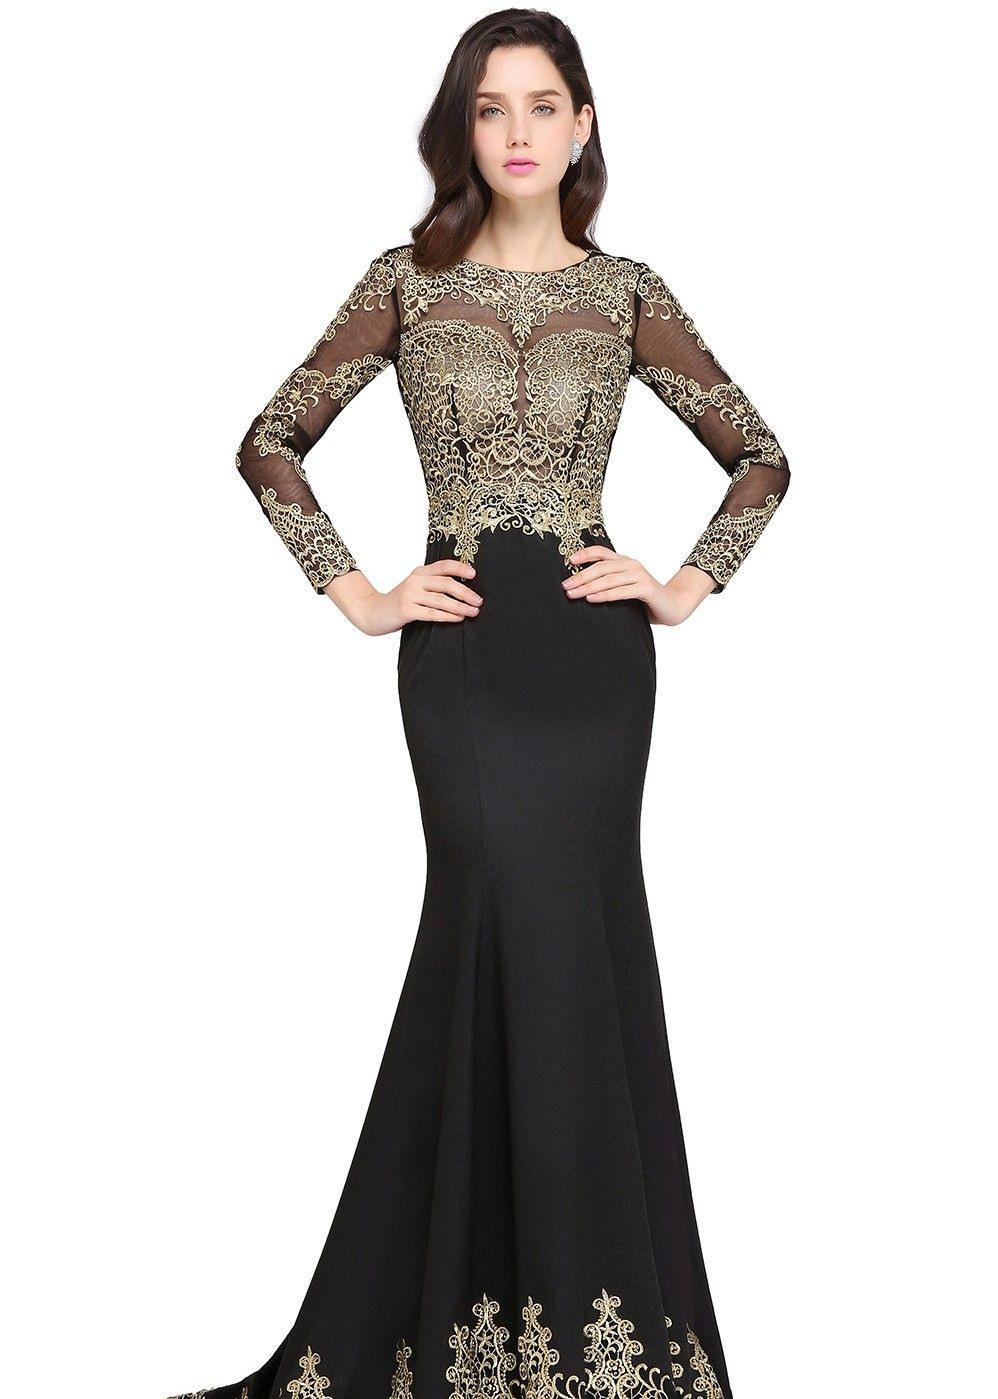 Luxus Abendkleider Mit Ärmel Stylish10 Kreativ Abendkleider Mit Ärmel Design